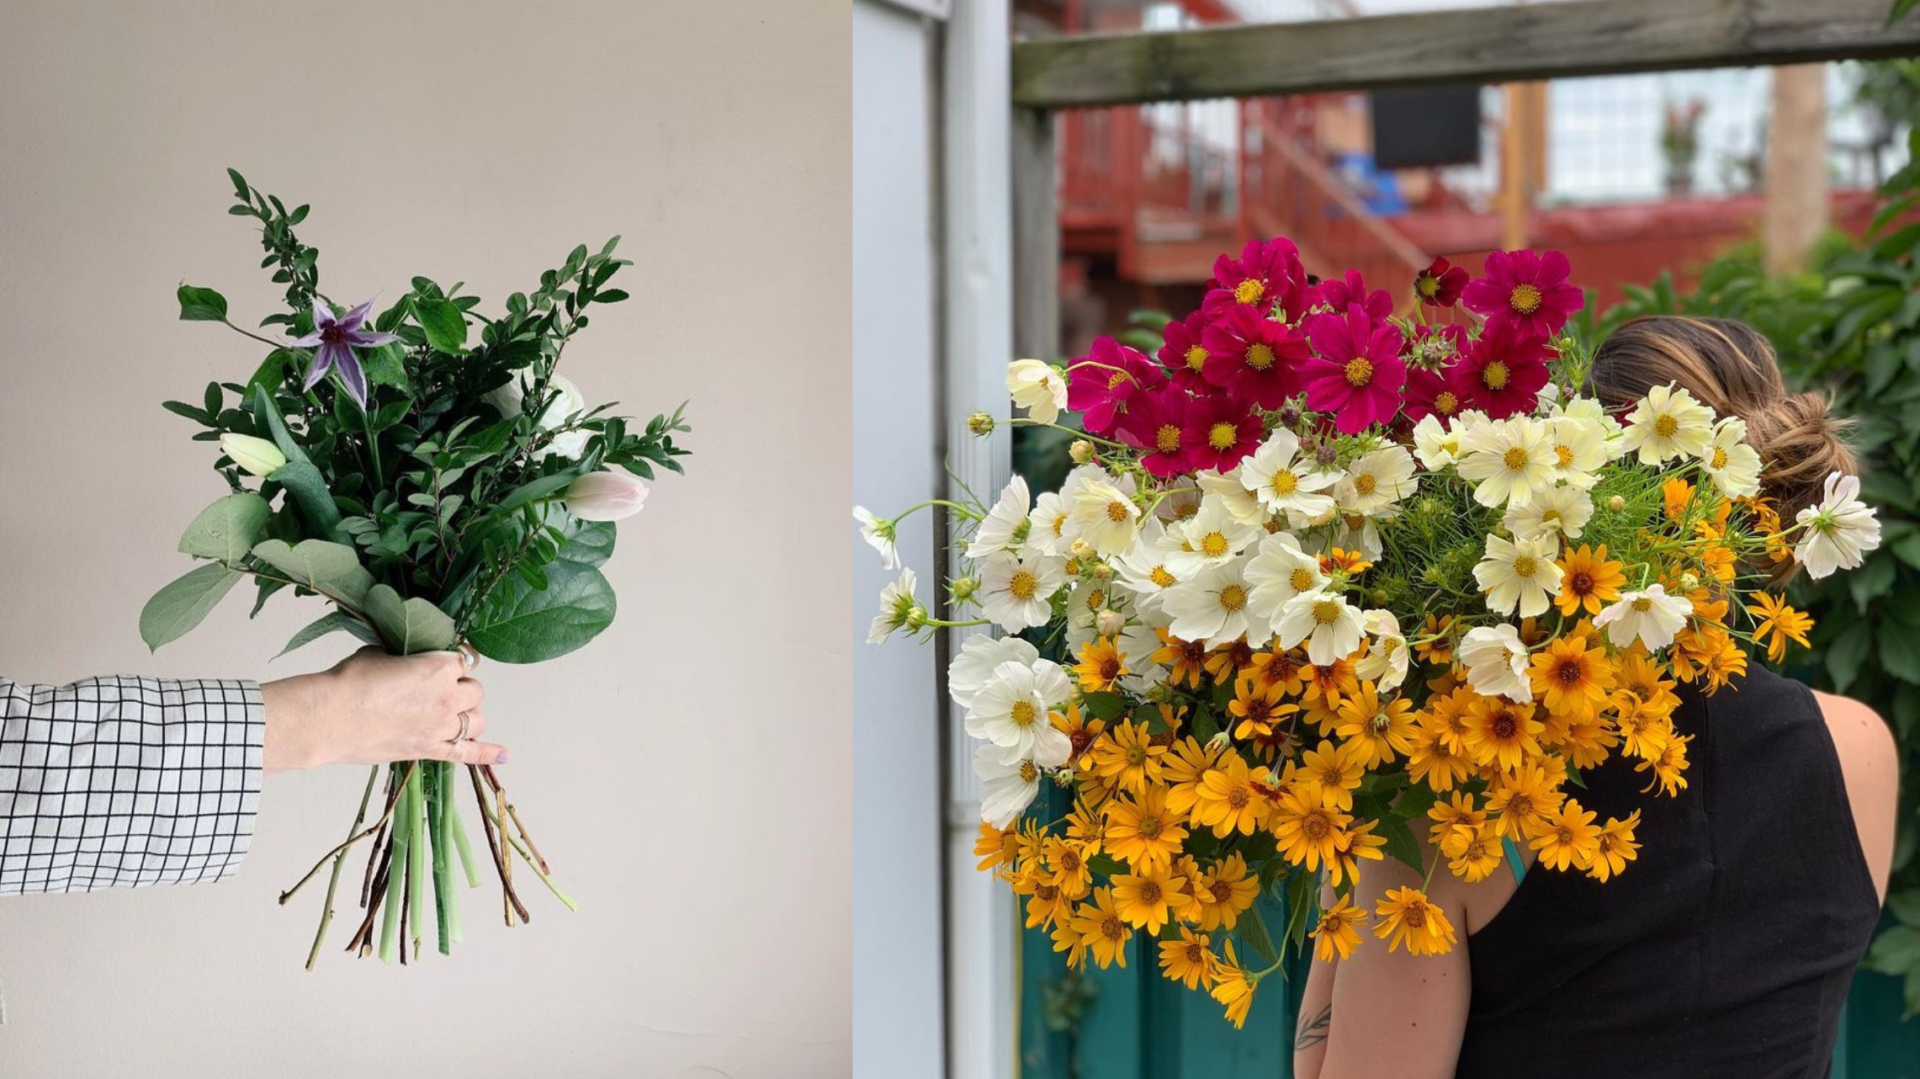 Voici 10 fleuristes où aller chercher les plus belles fleurs ce printemps à Montréal! | Nightlife